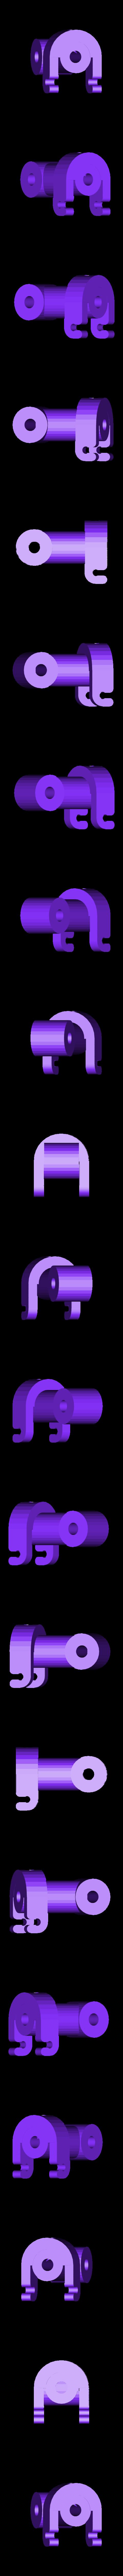 Nosestrut01.STL Download free STL file Durafly Skymule nose spring strut • 3D print object, tahustvedt